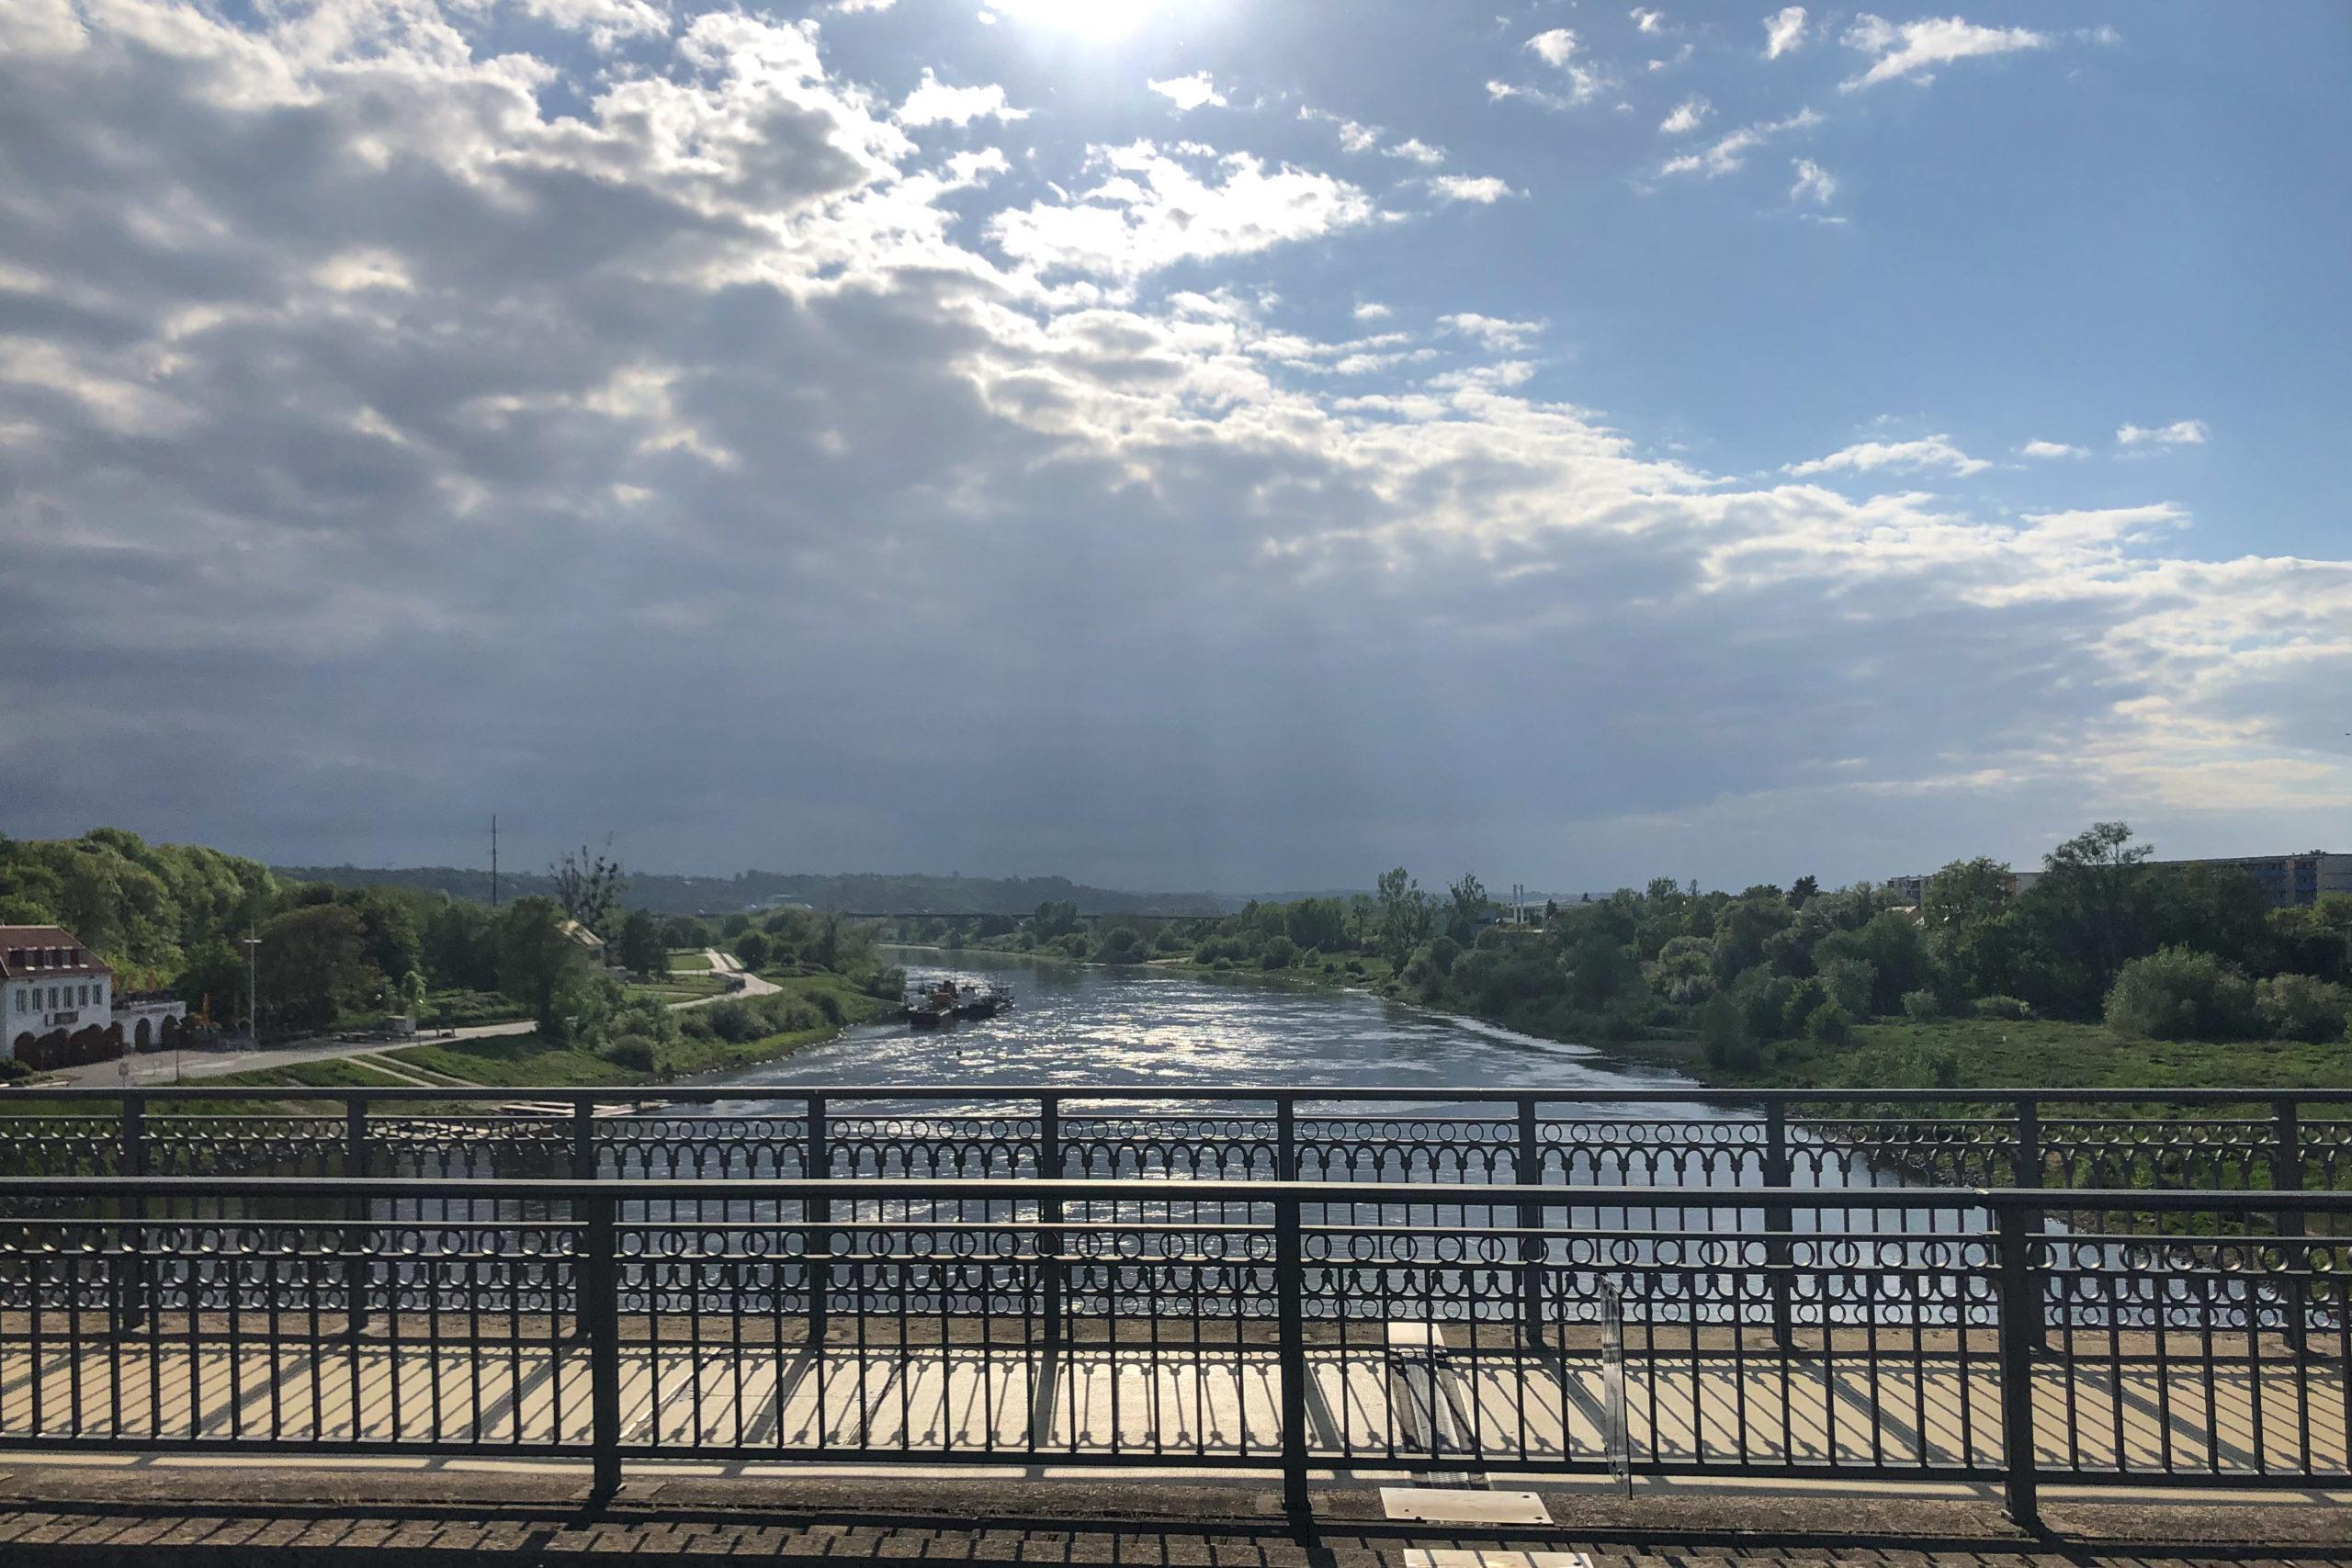 Querung der Elbe in Pirna